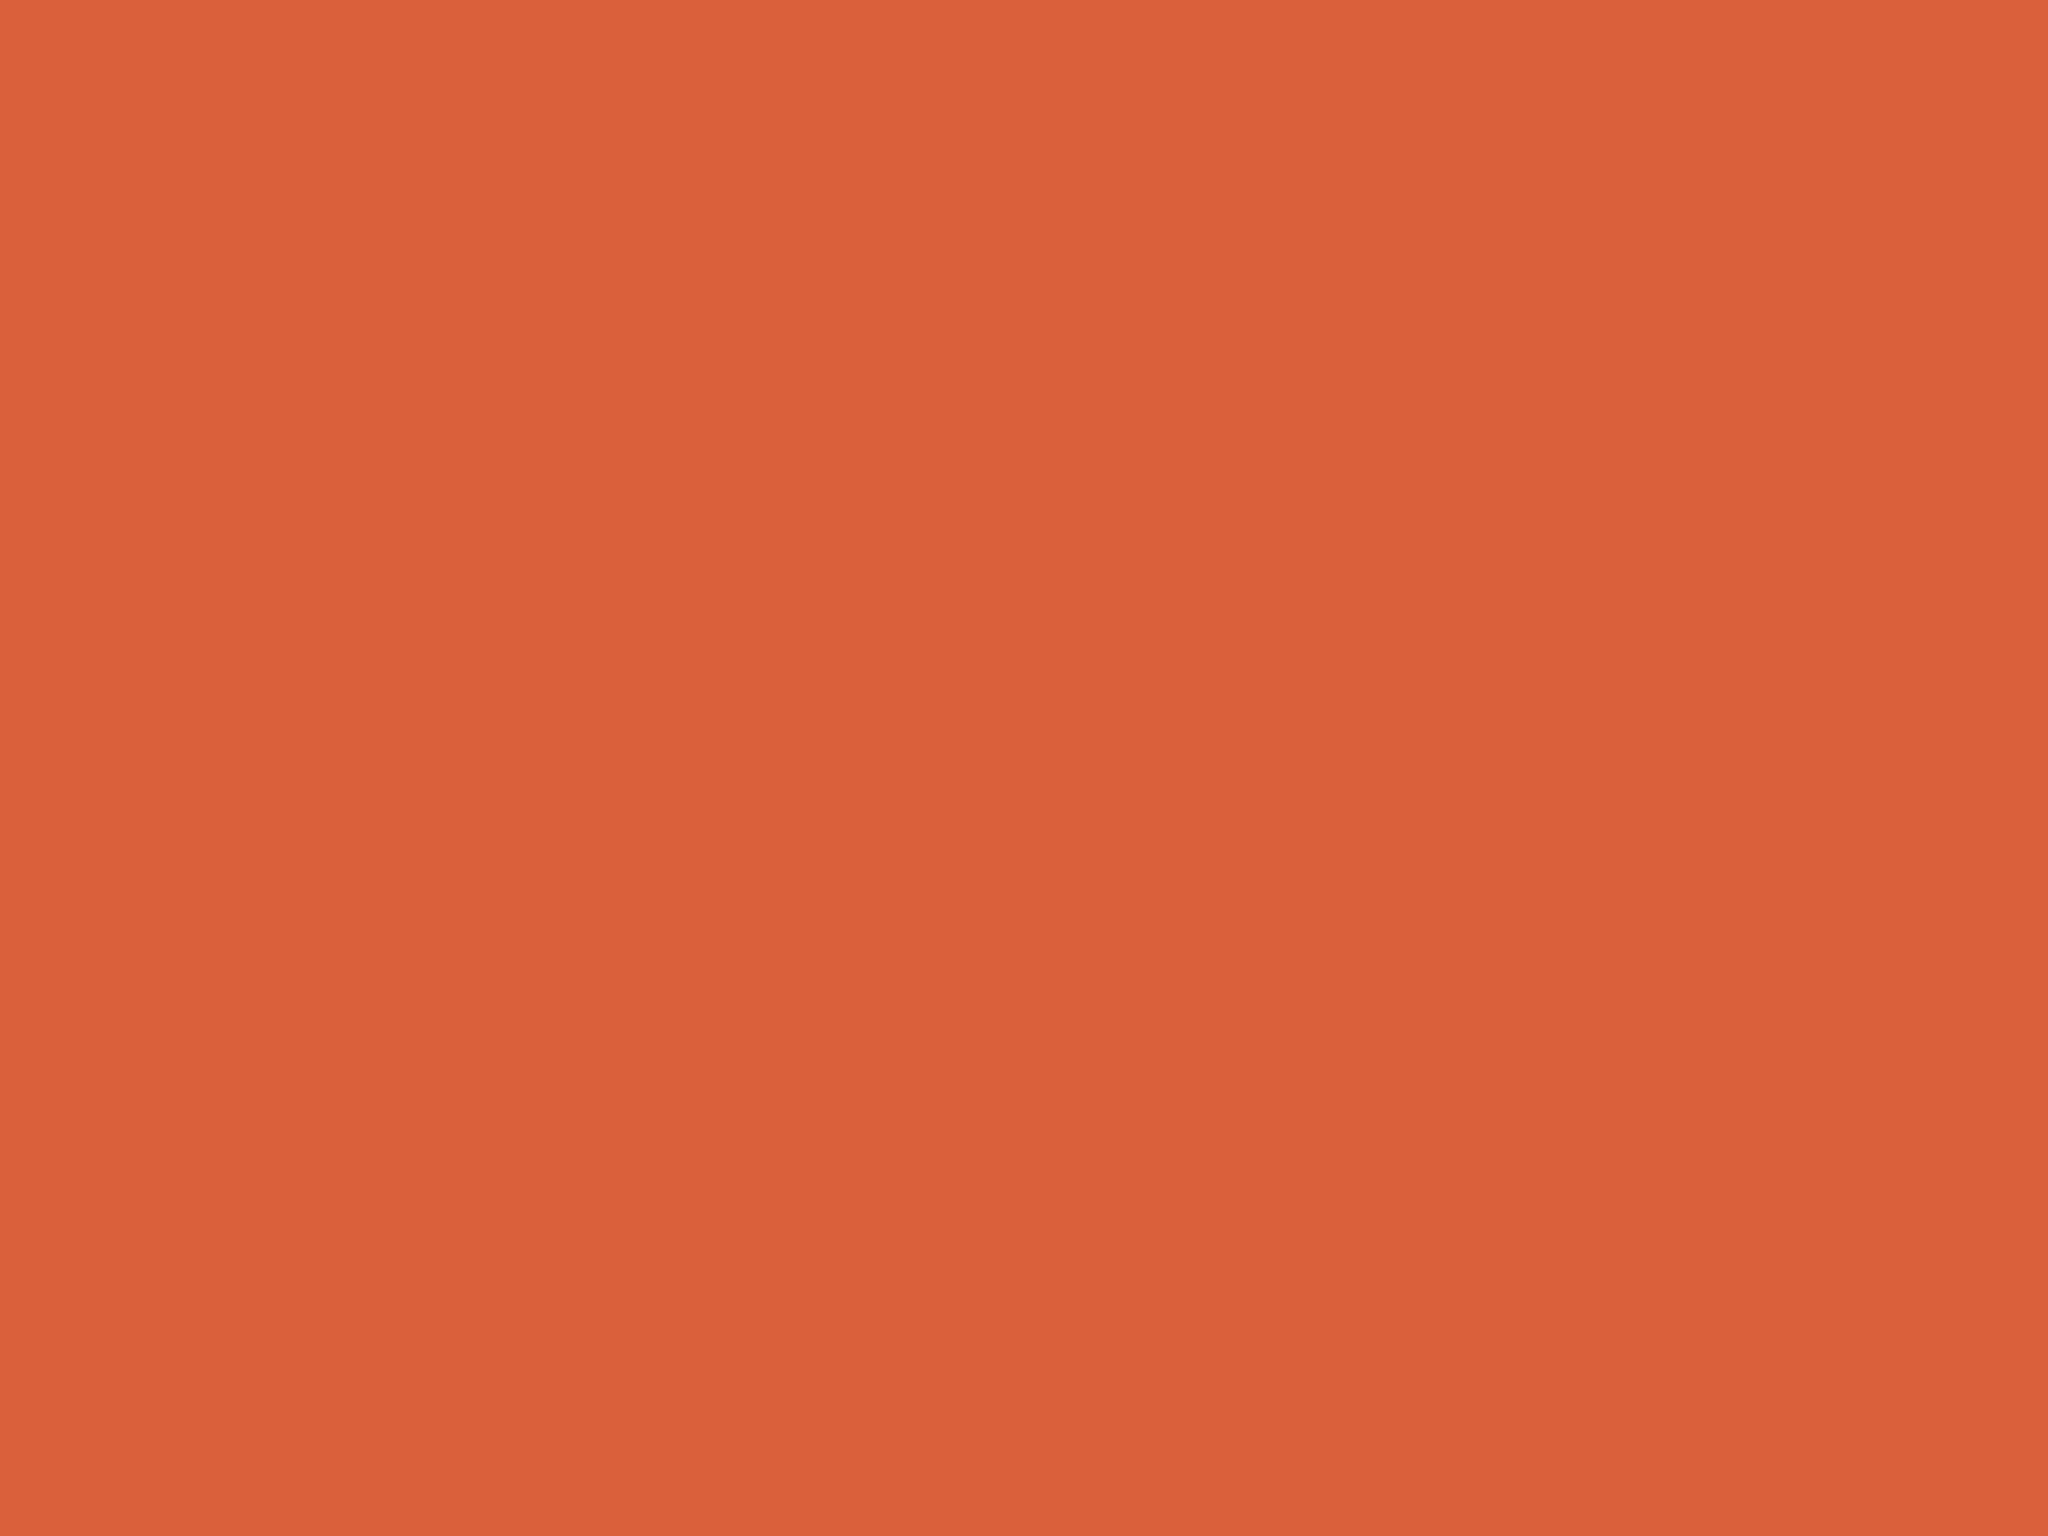 2048x1536 Vermilion Plochere Solid Color Background